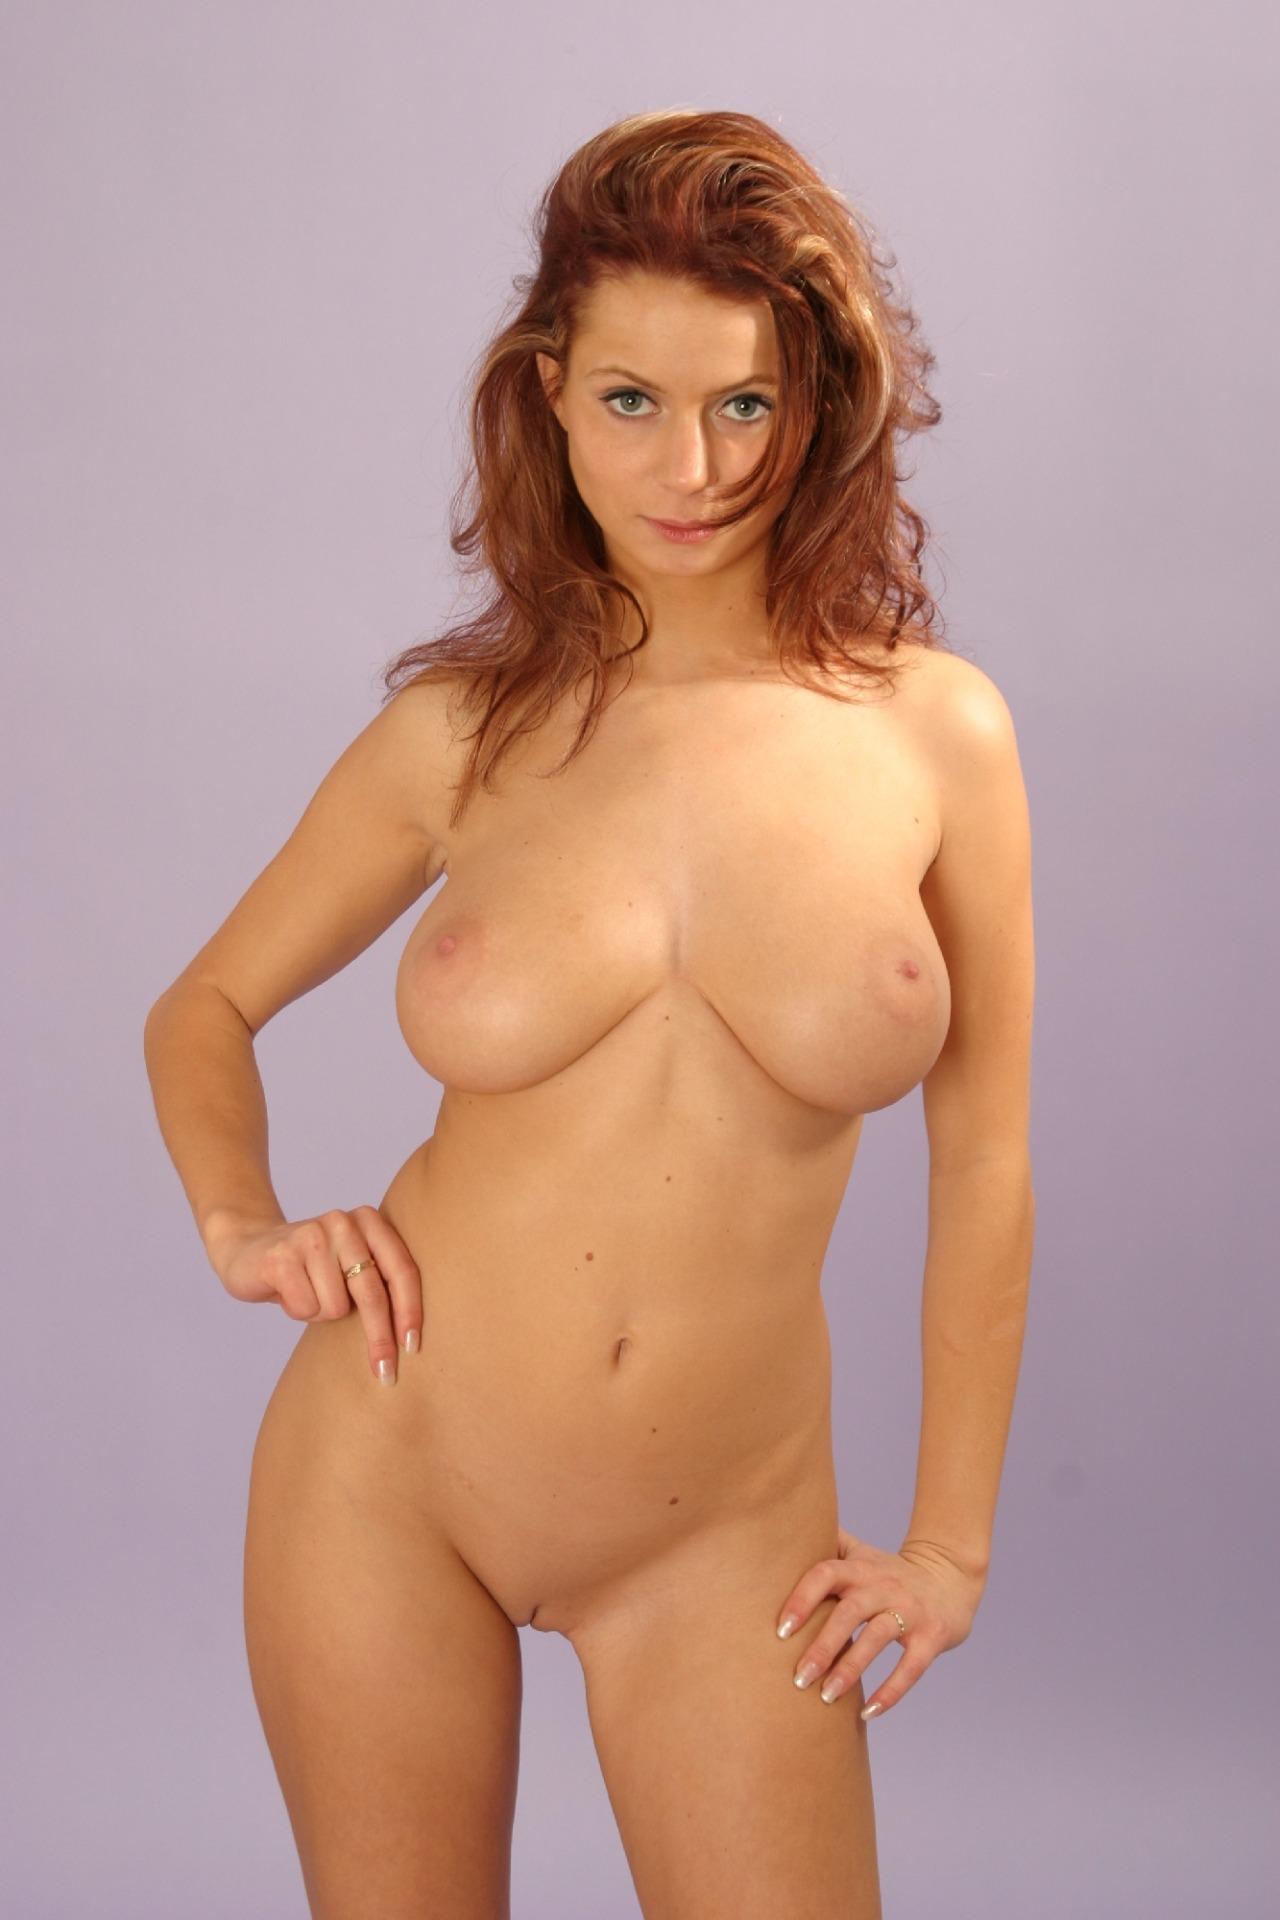 Busty natural redhead big tits